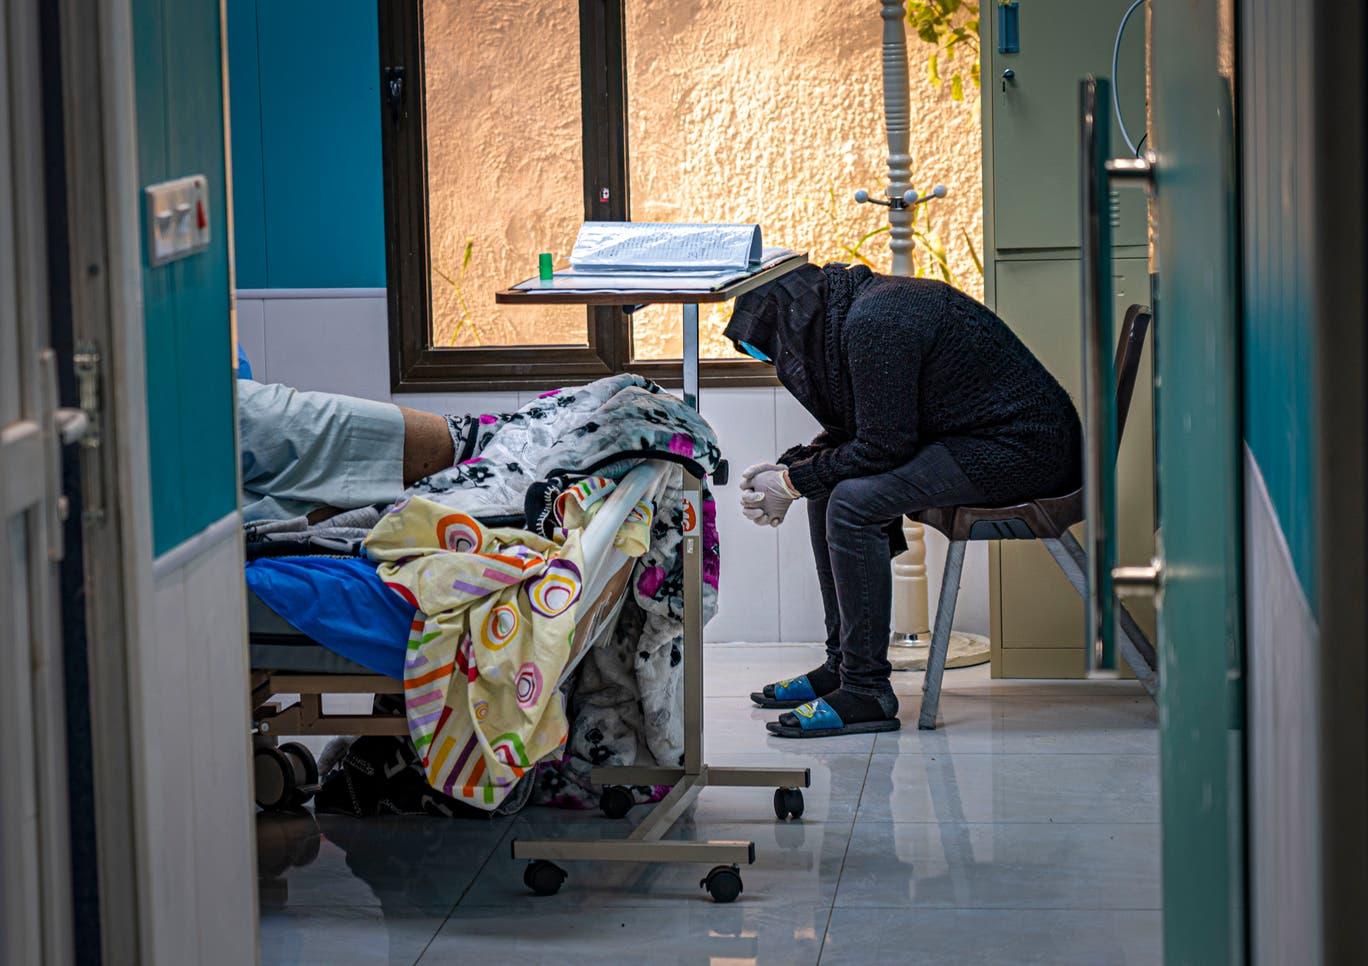 امرأة تنتظر بفارغ الصبر الأنباء في شأن زوجها المريض في حال حرجة (بيل ترو)